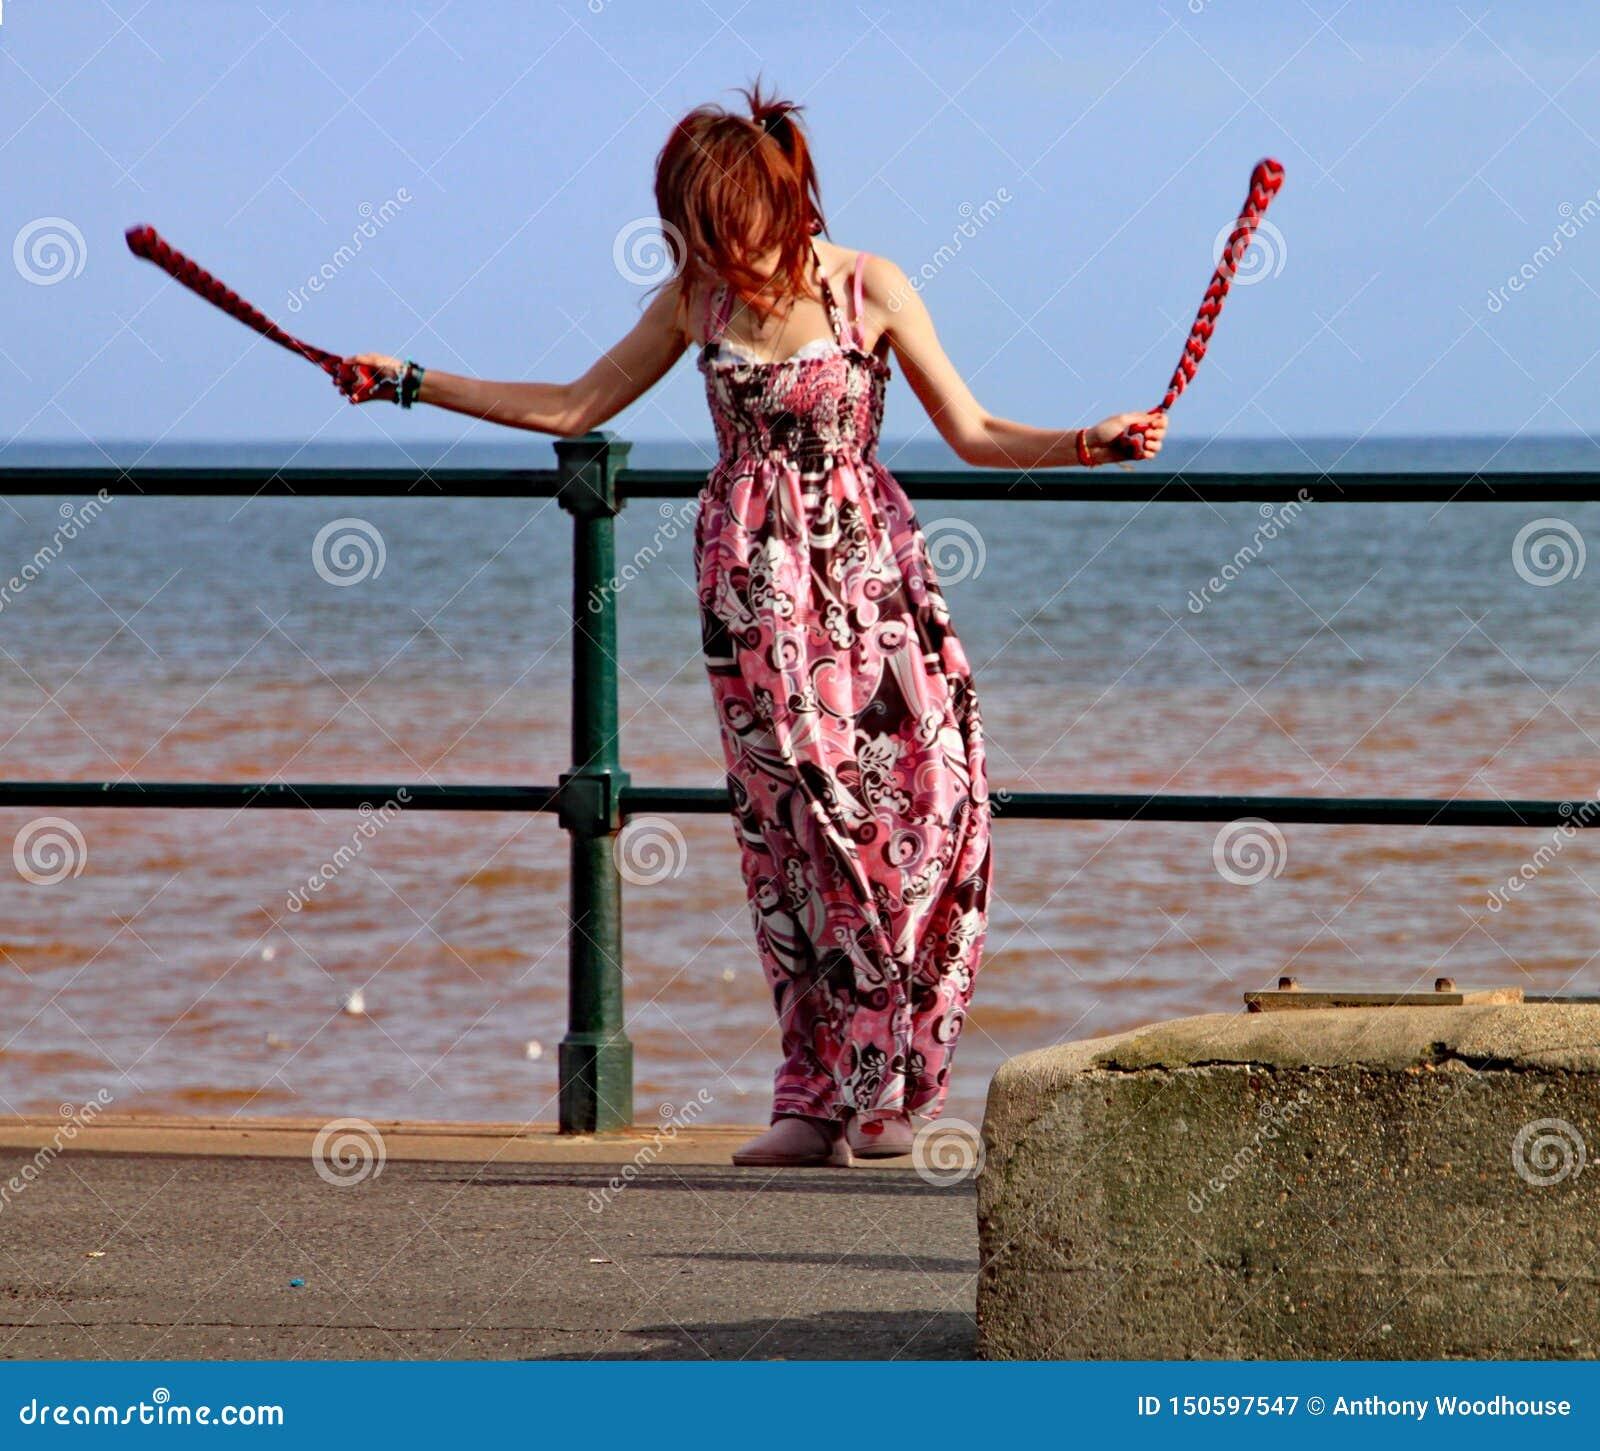 SIDMOUTH, DEVON, INGLATERRA - 5 DE AGOSTO DE 2012: Uma jovem mulher mante distraído transmissores perto com rodopiar clubes pelos